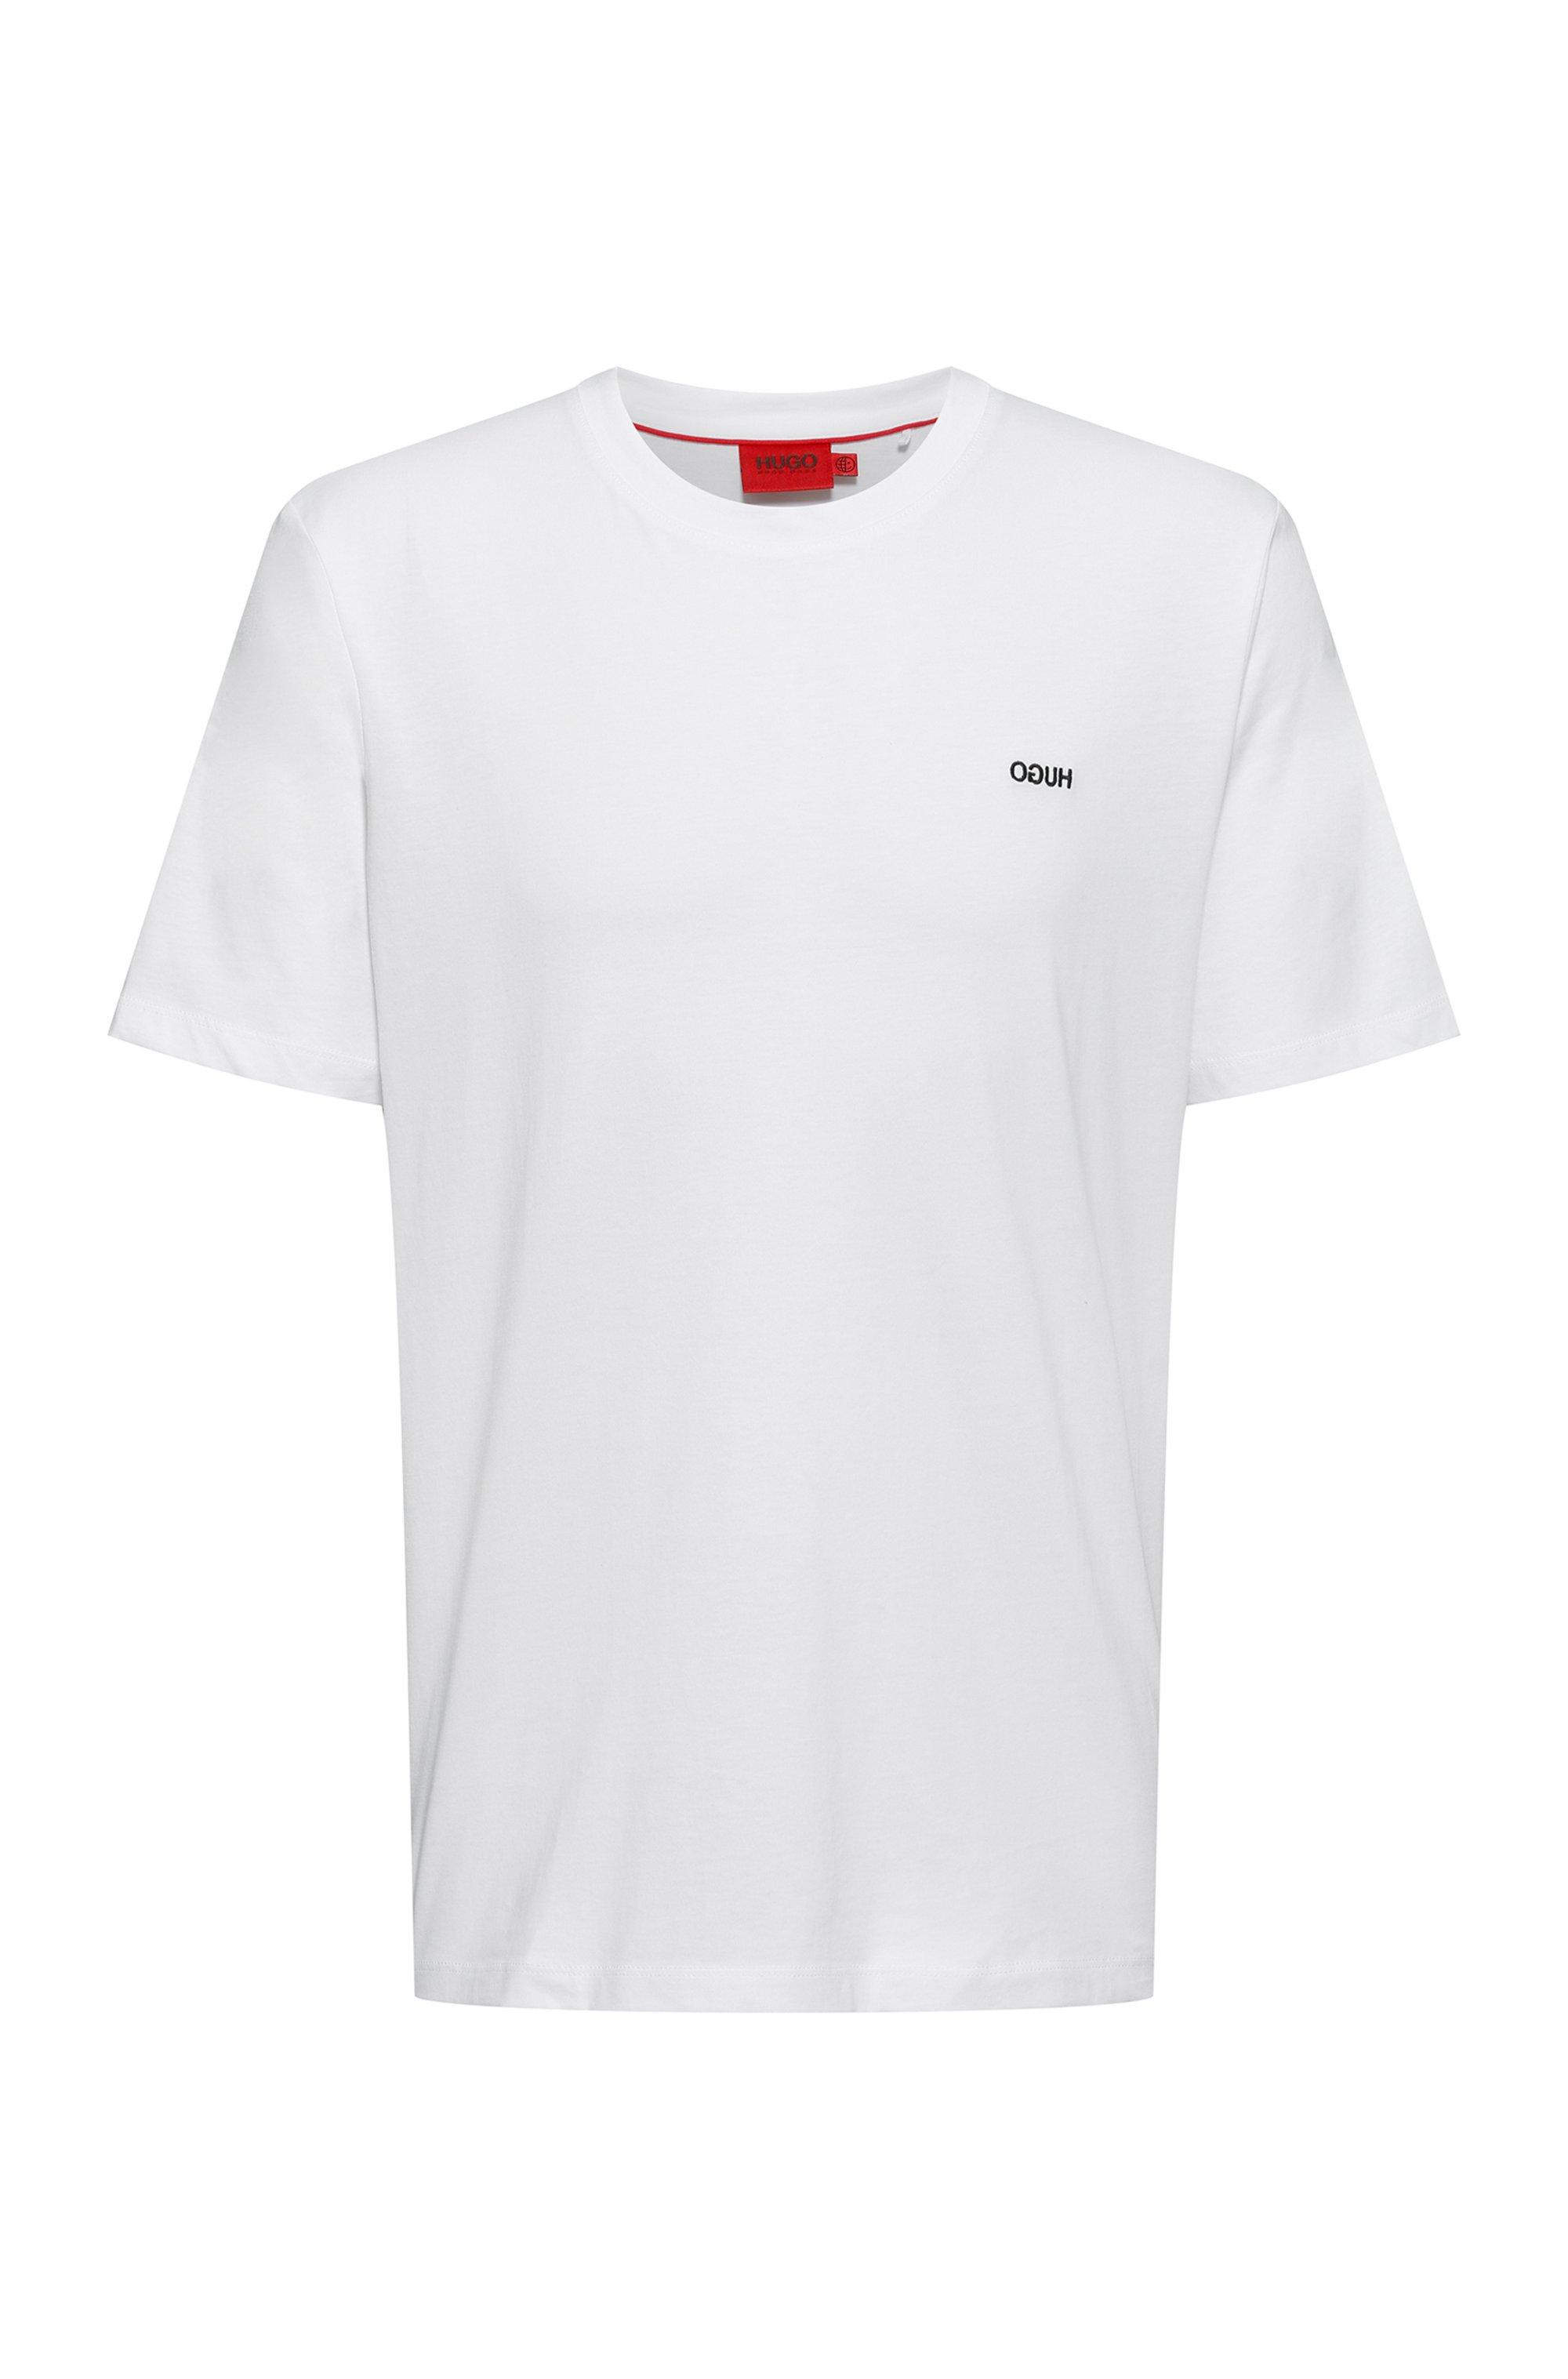 T-shirt en coton à logo inversé brodé, Blanc